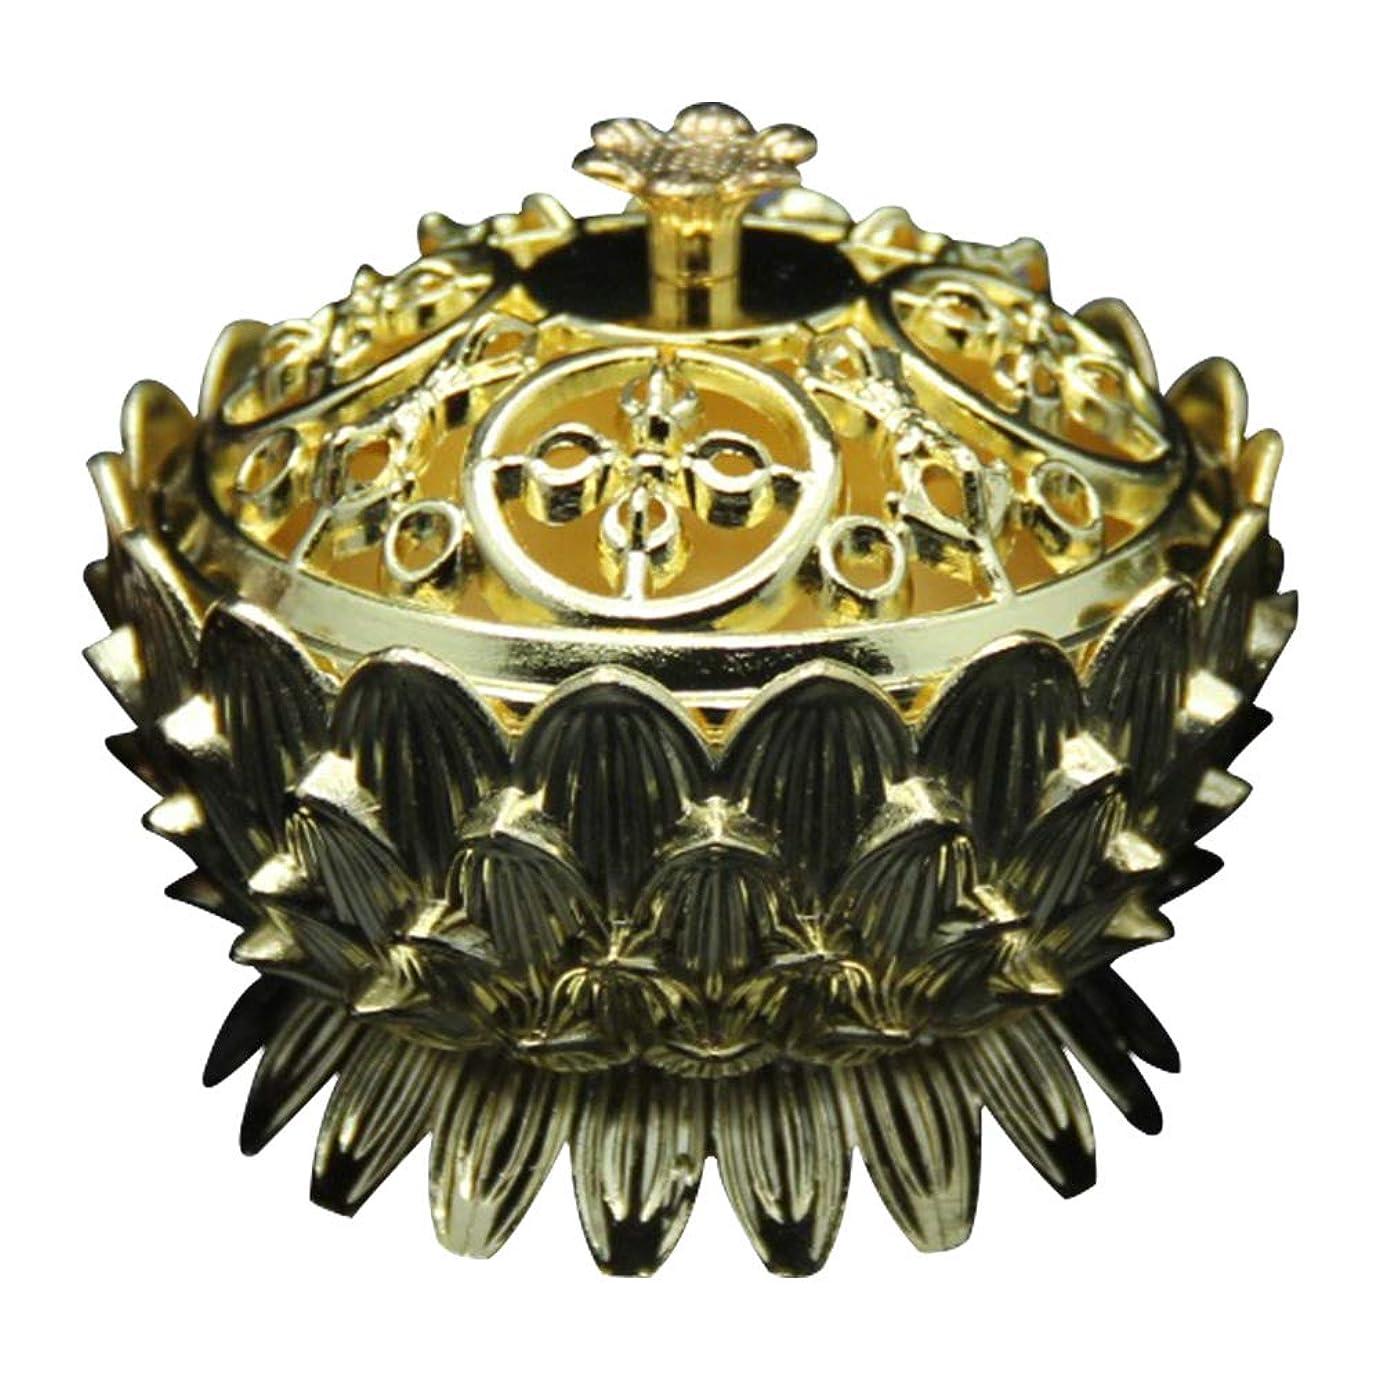 軌道思慮深い疼痛Retro Zinc Copper Alloy Bronze Incense Burner Home Decor Mini Lotus Tibet Incense Burner Holder Fit for Stick Cone Coil Incense(Gold)